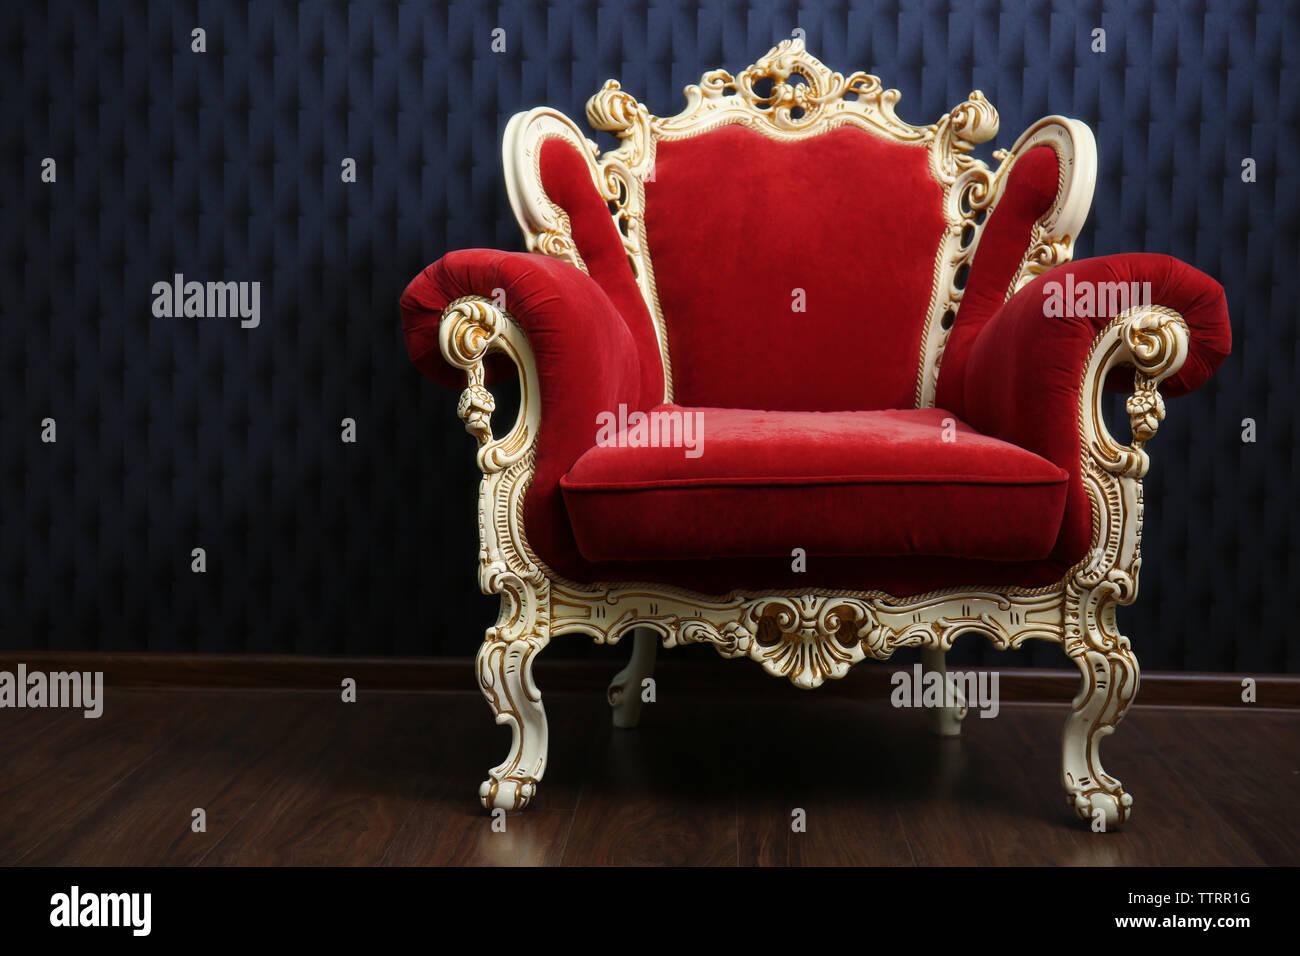 luxury red armchair on dark background TTRR1G